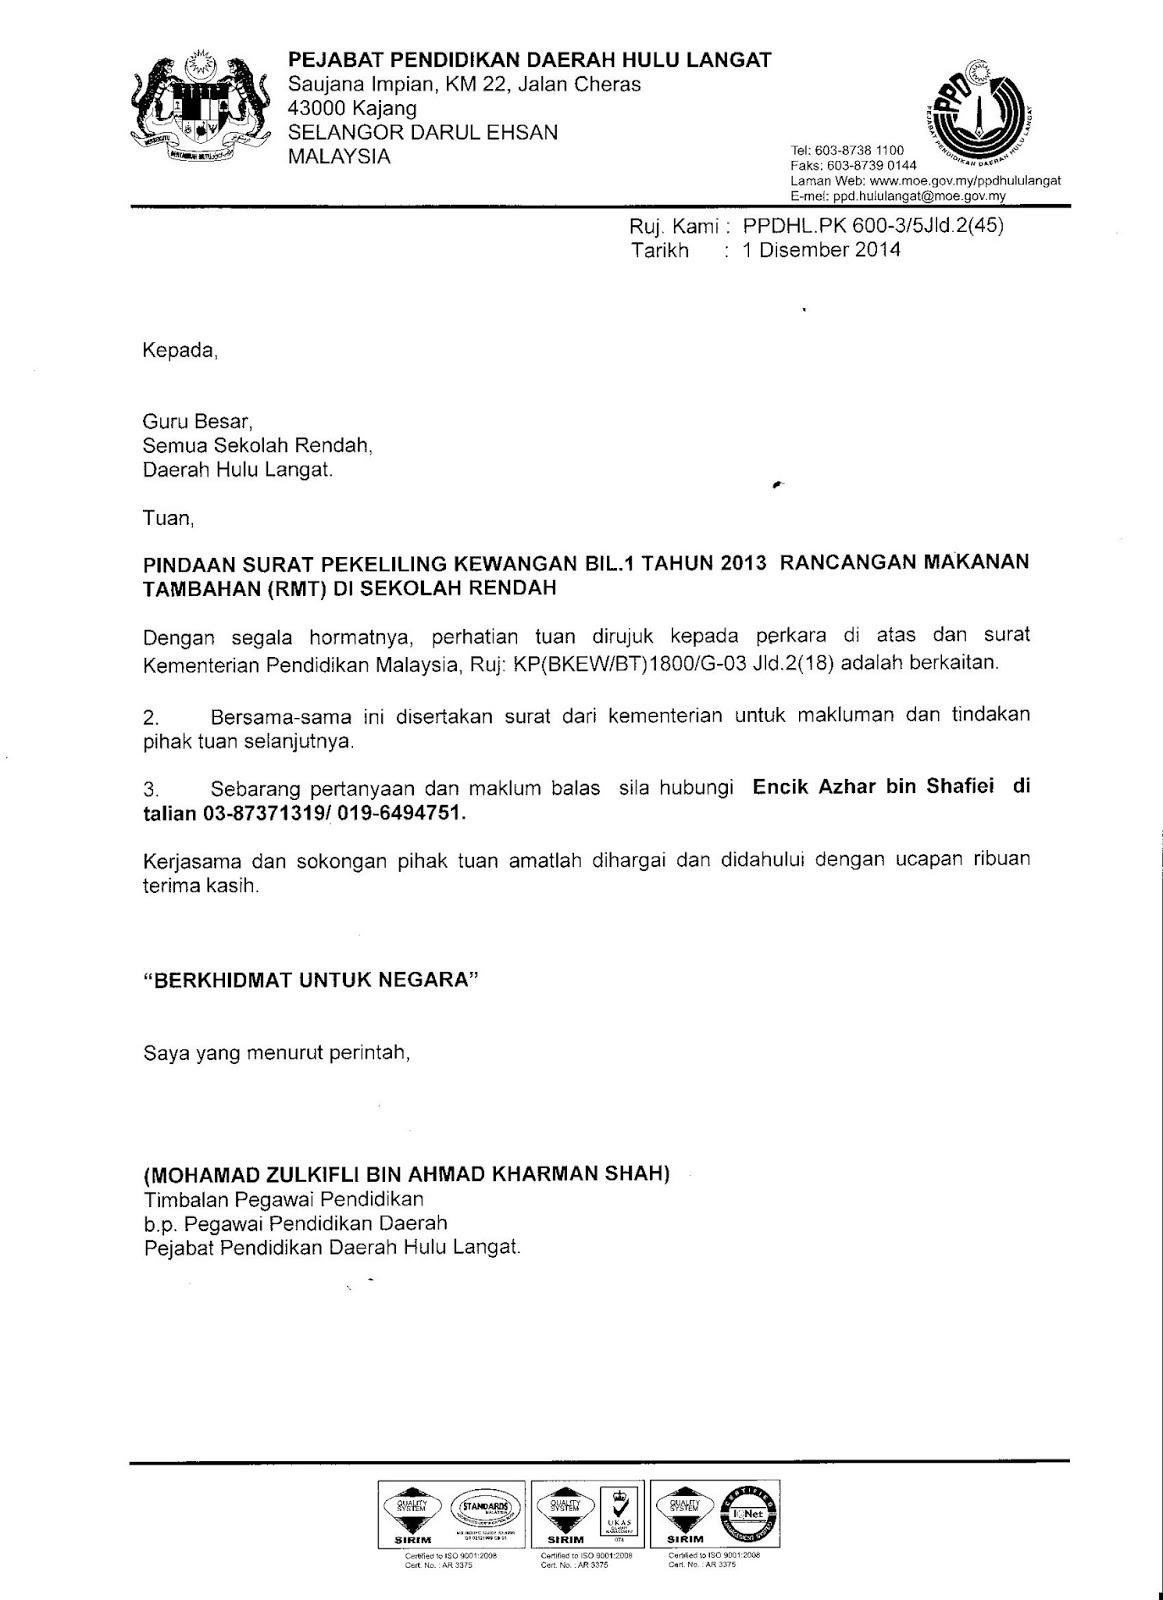 bil 17tahun 2014 surat pekeliling akauntan negara surat